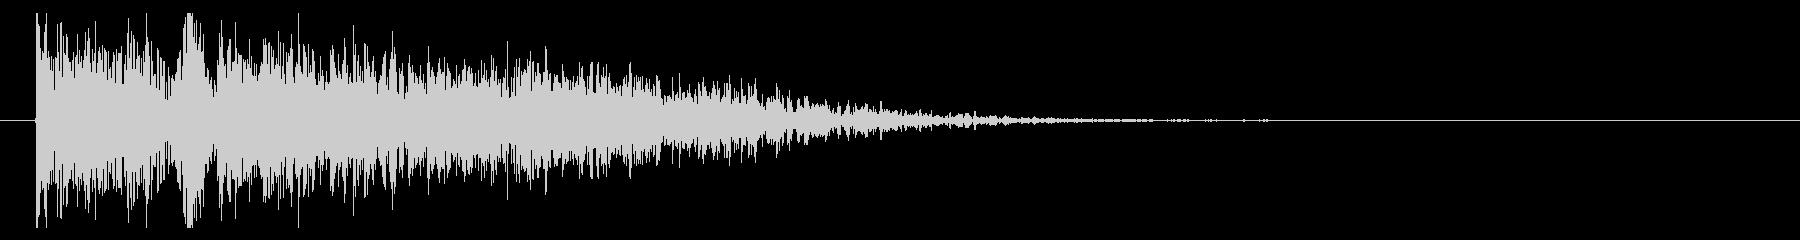 爆弾 ランブルクローズ03の未再生の波形